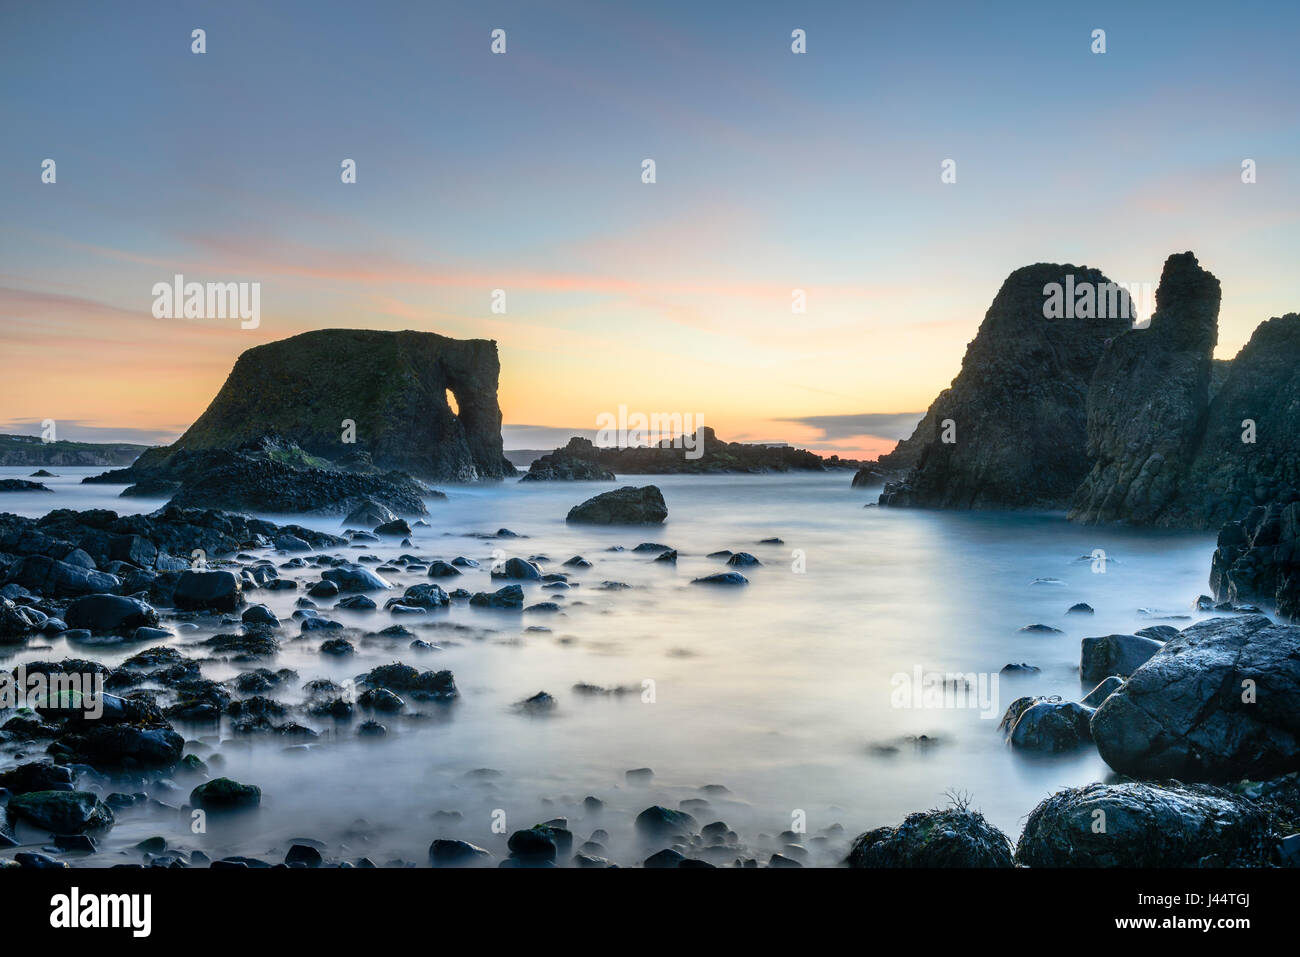 Tramonto a Elephant Rock a Carricknaford una scena costiere della costa rocciosa vicino a Ballintoy e Whitepark Immagini Stock